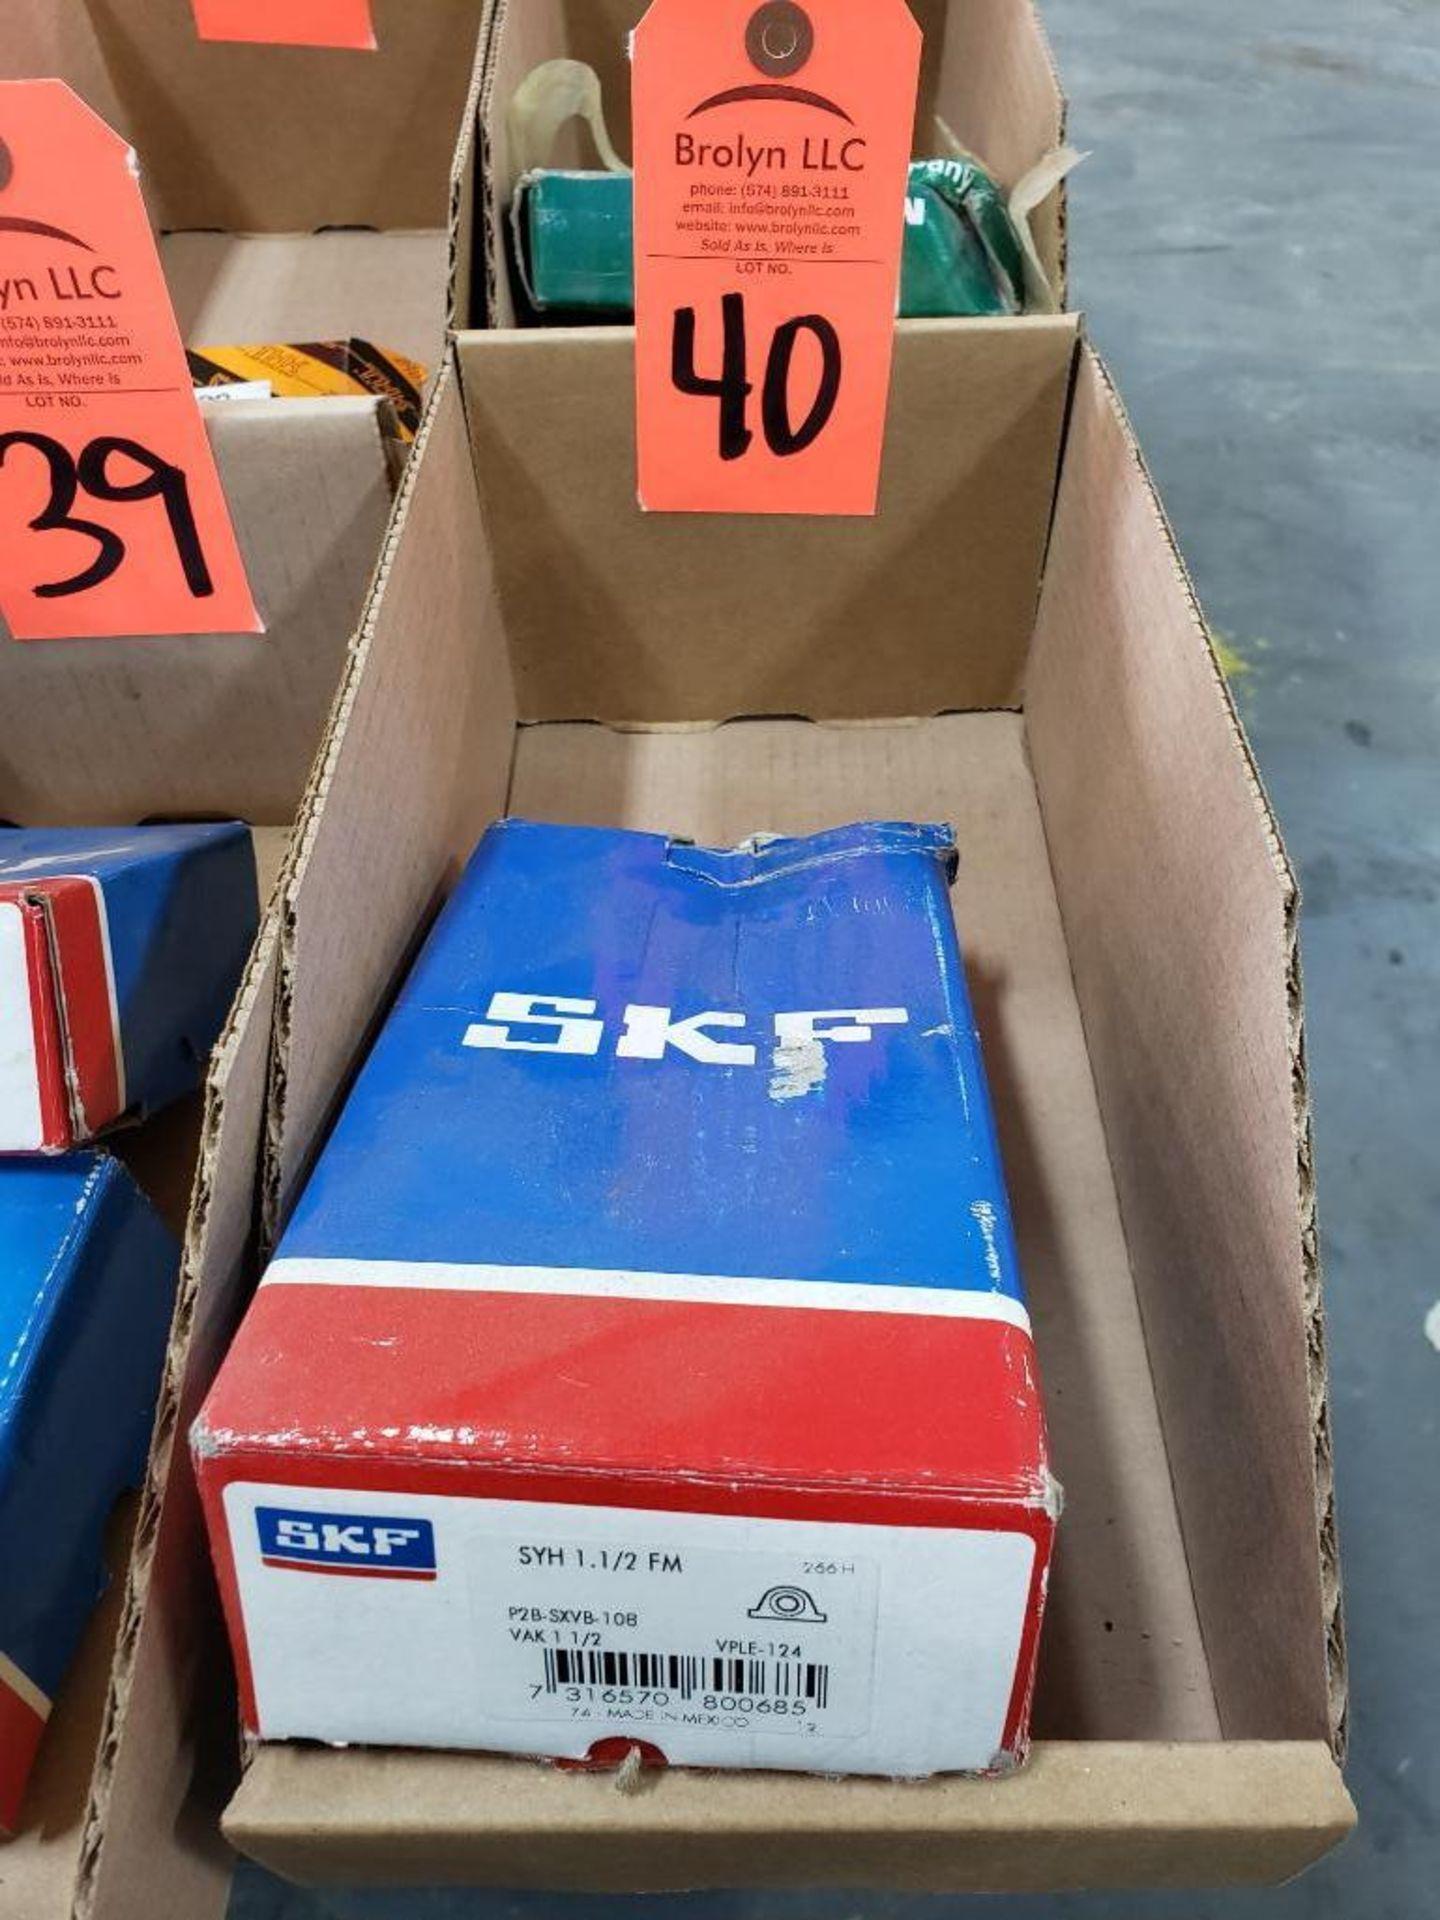 Lot 40 - SKF model P2B-SXVB-108 bearings. New in box.